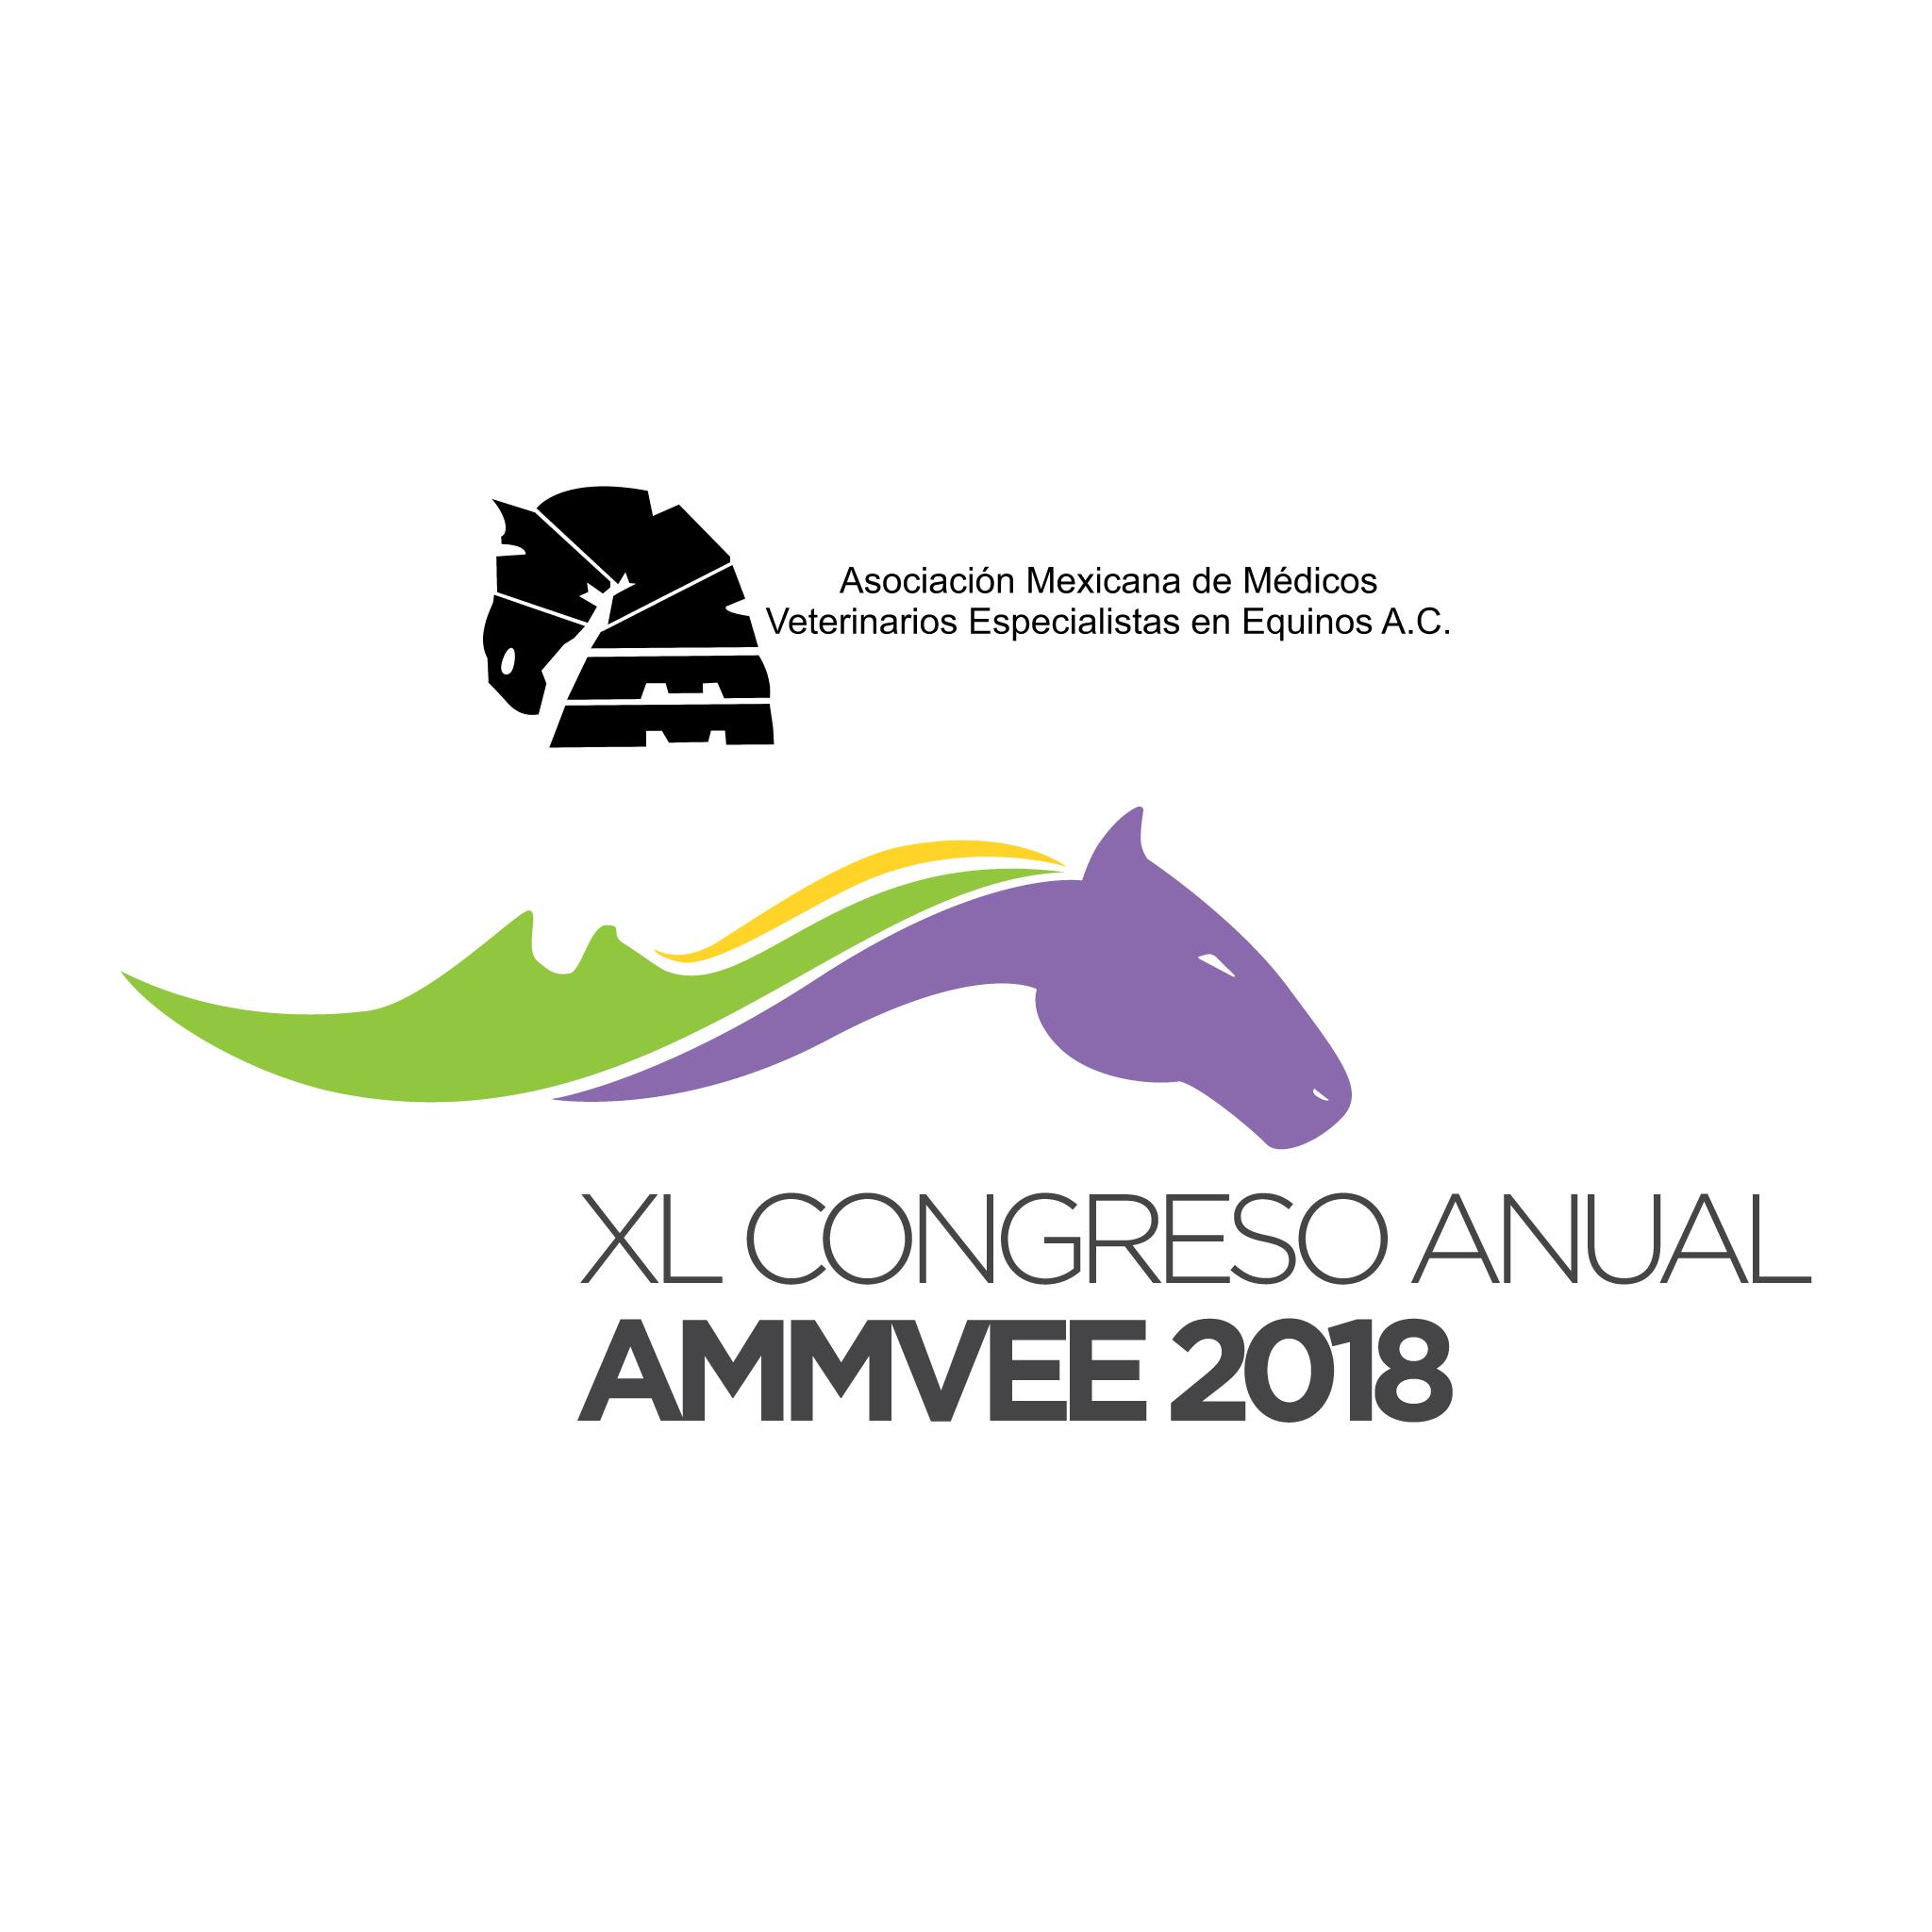 Congreso Anual